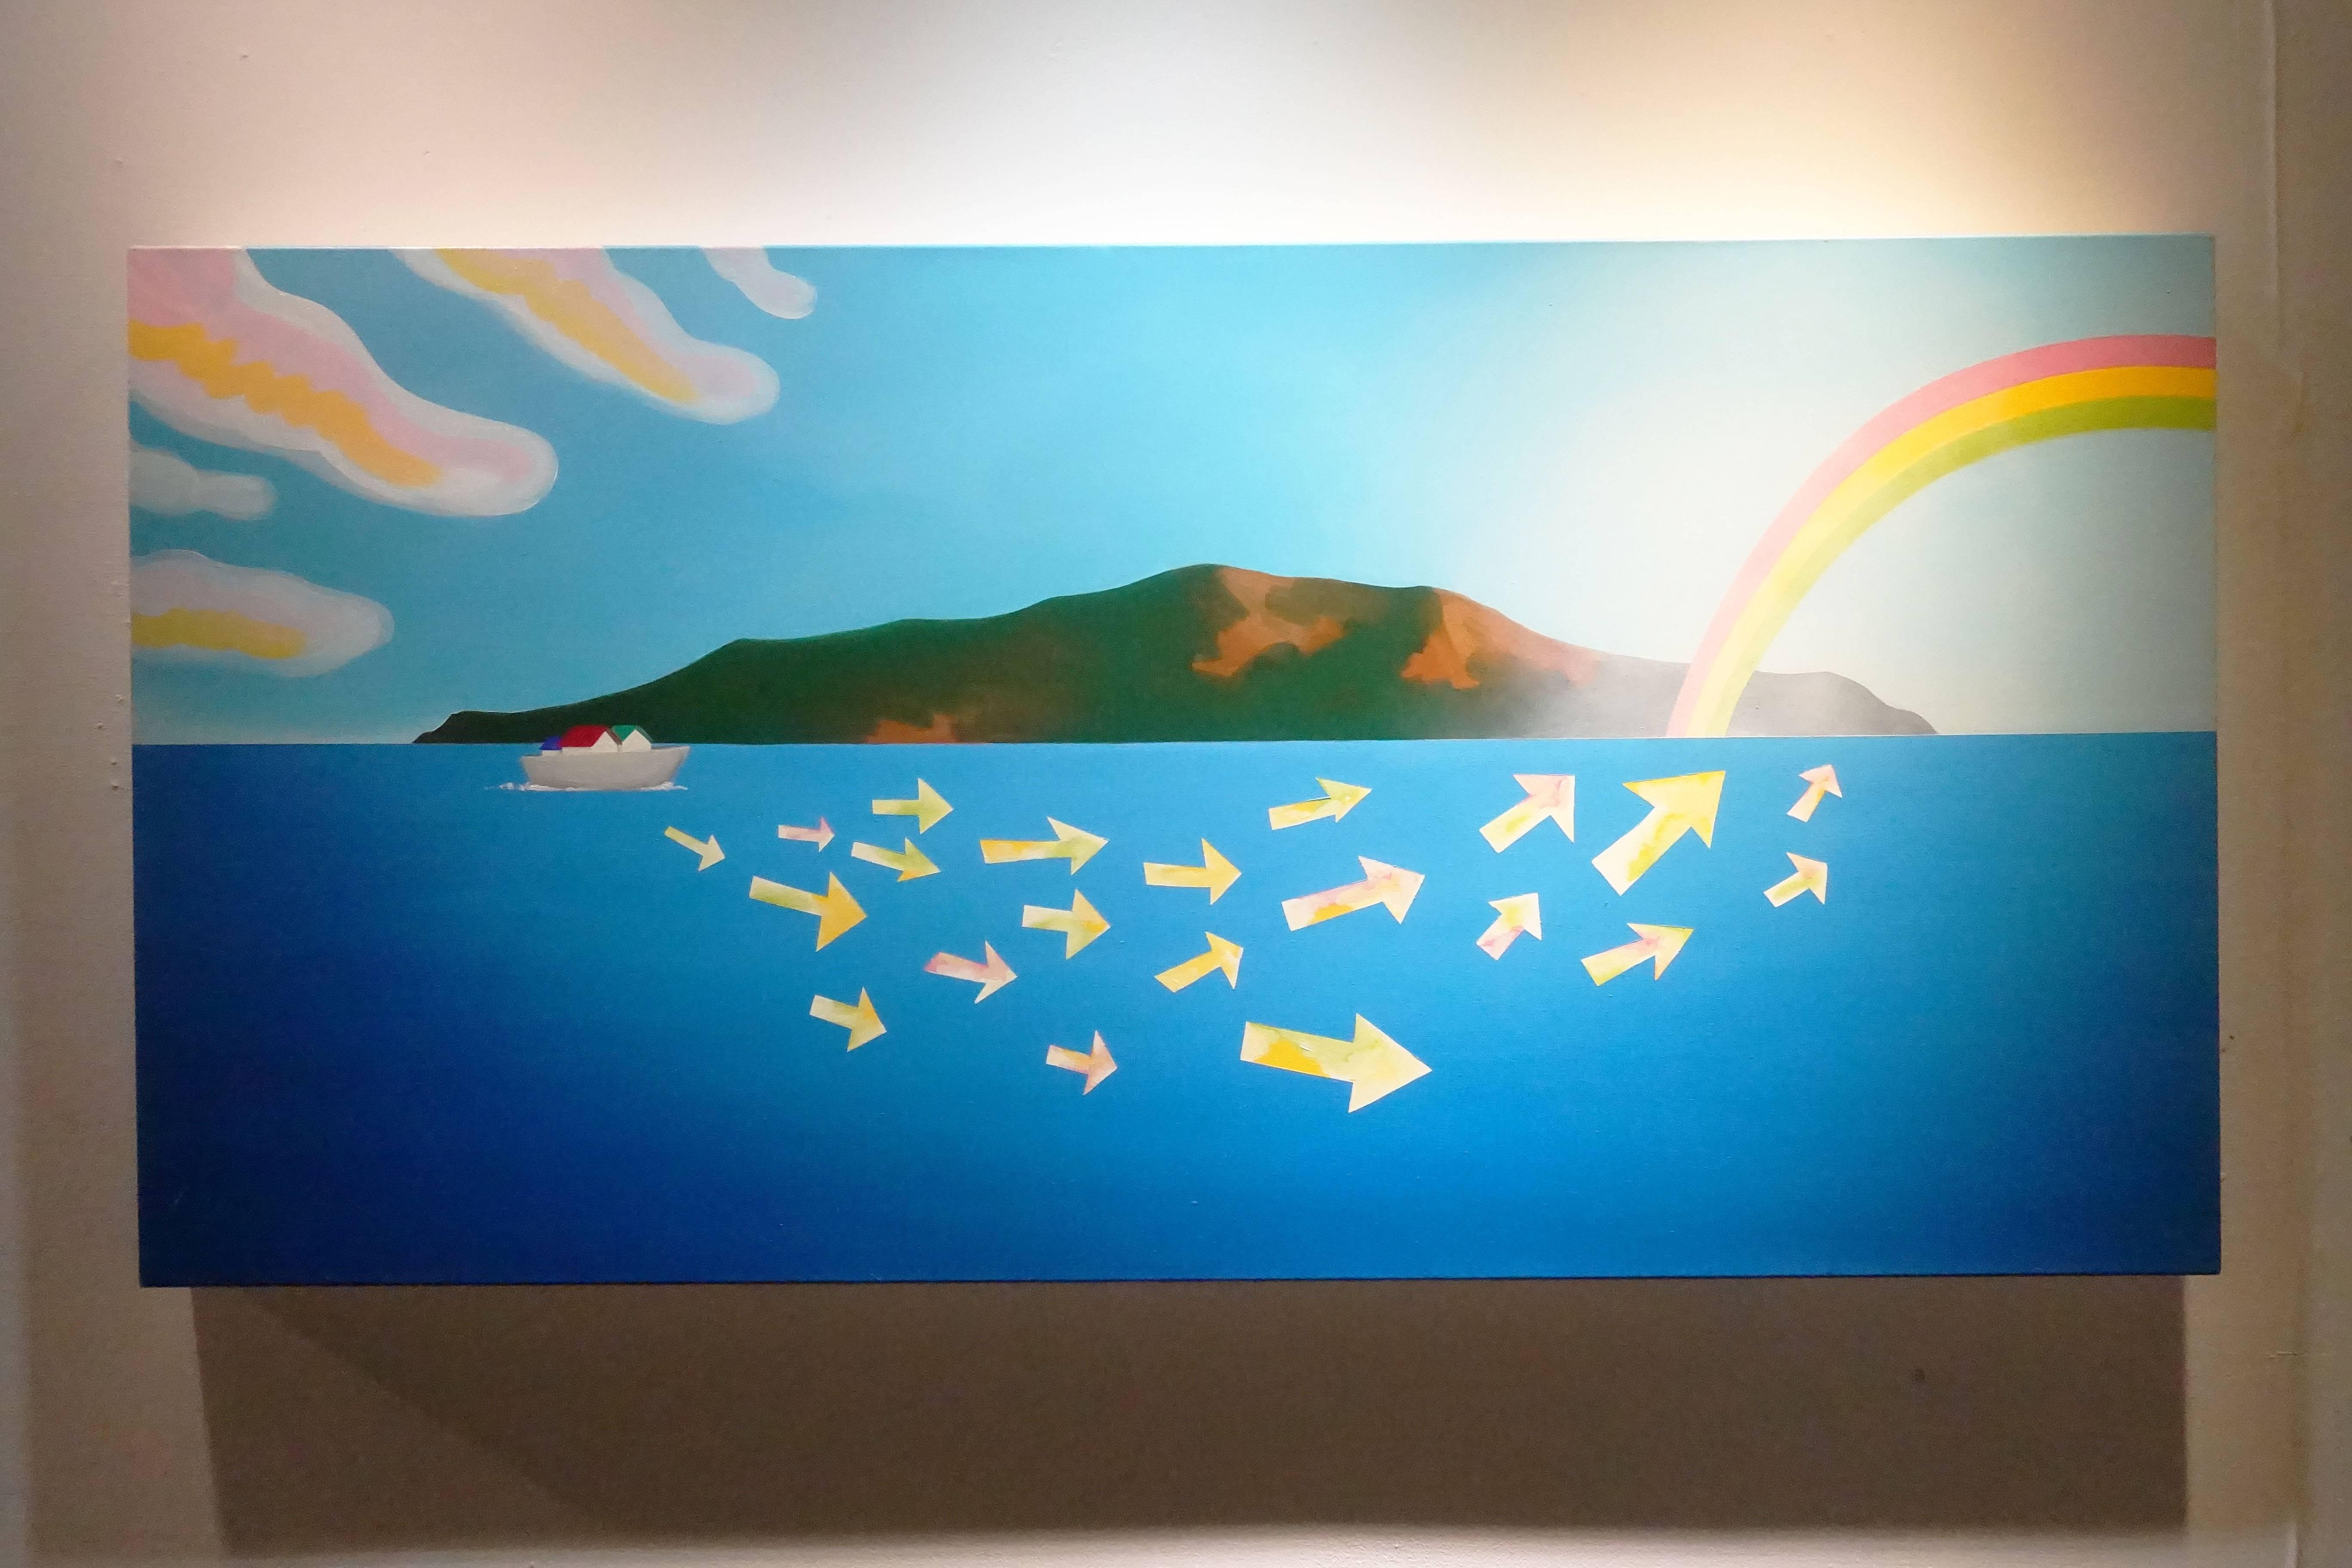 張友鷦,《夢想前行》,油彩畫布,2015。